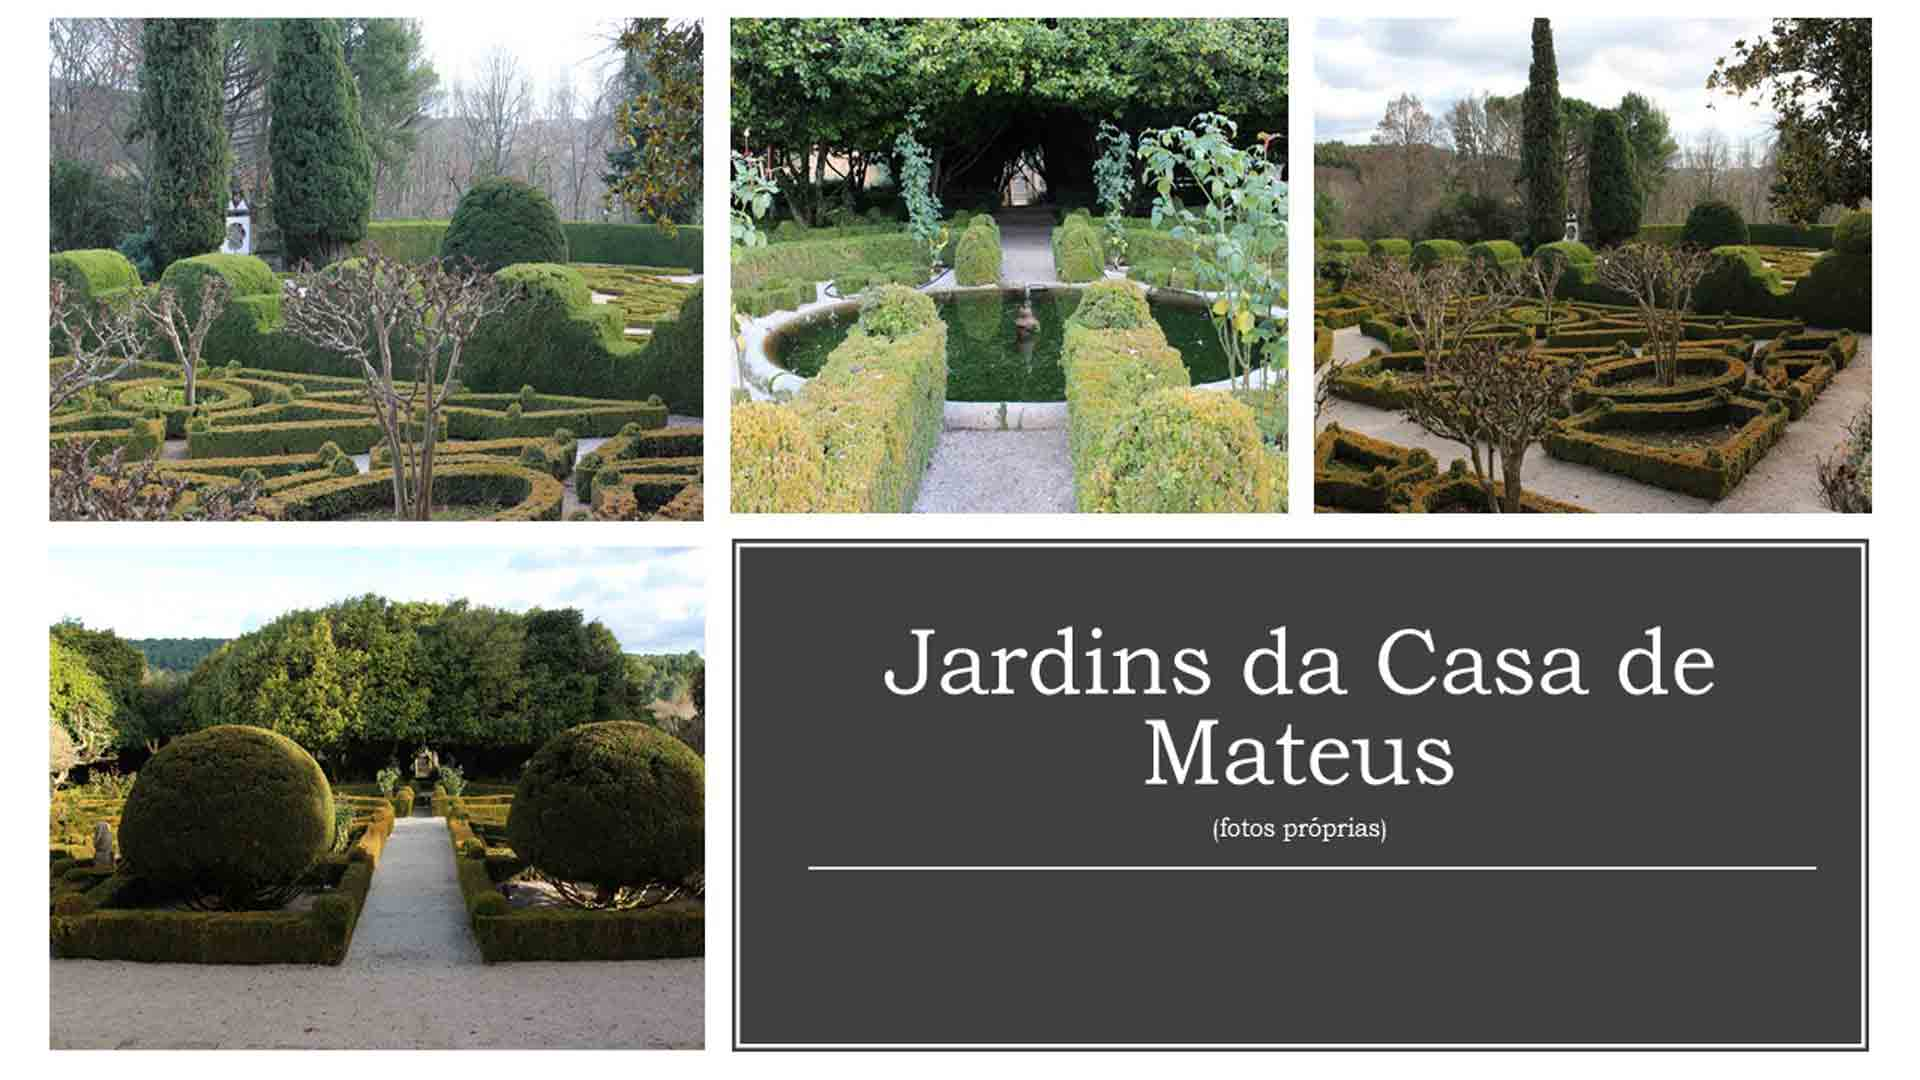 Jardim da Casa de Mateus